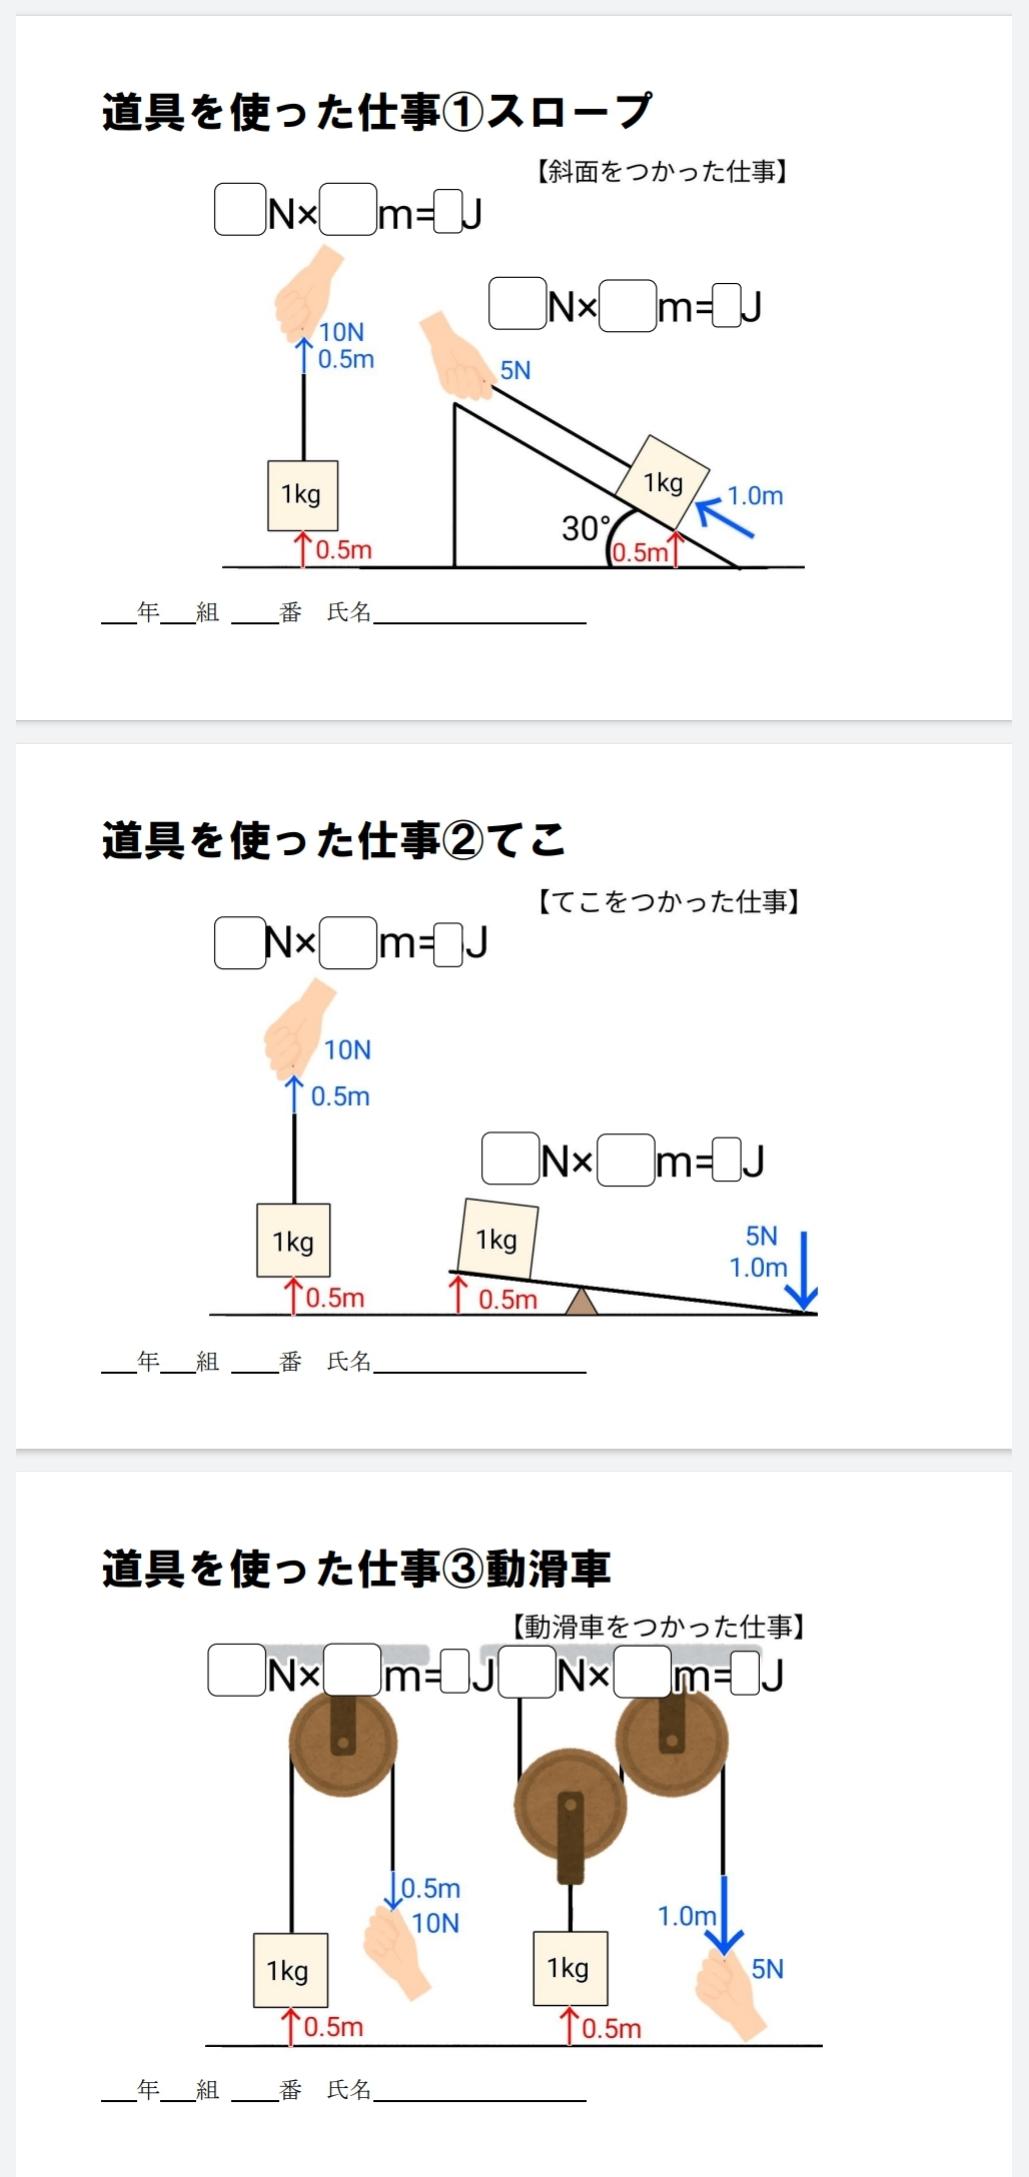 ふたばのワークシート3年(物理分野)